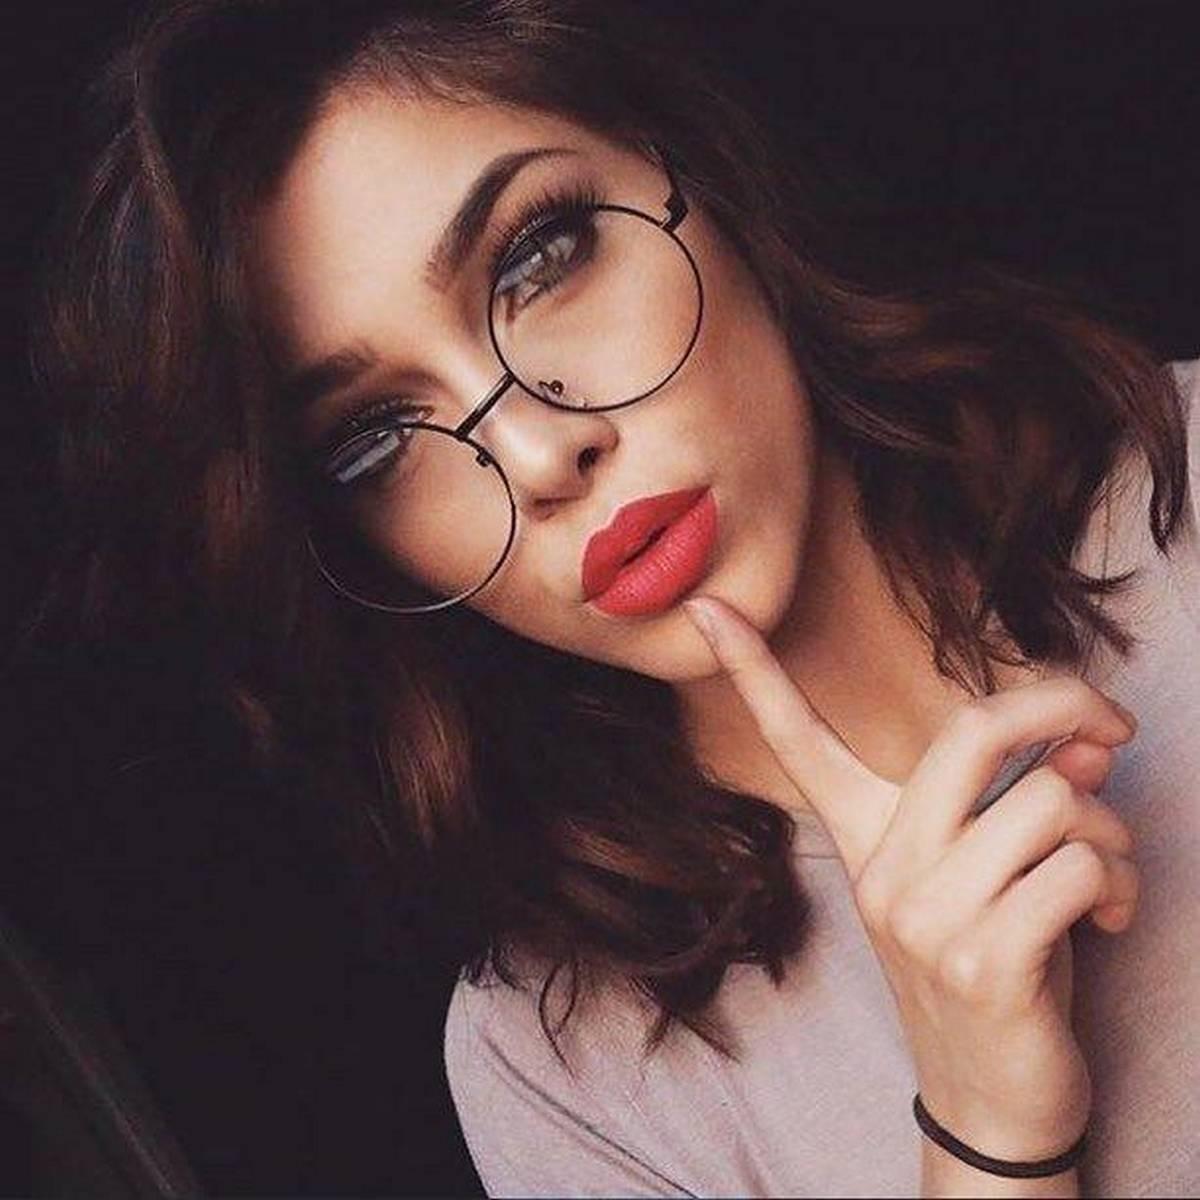 Harry Potter Glasses For Girls